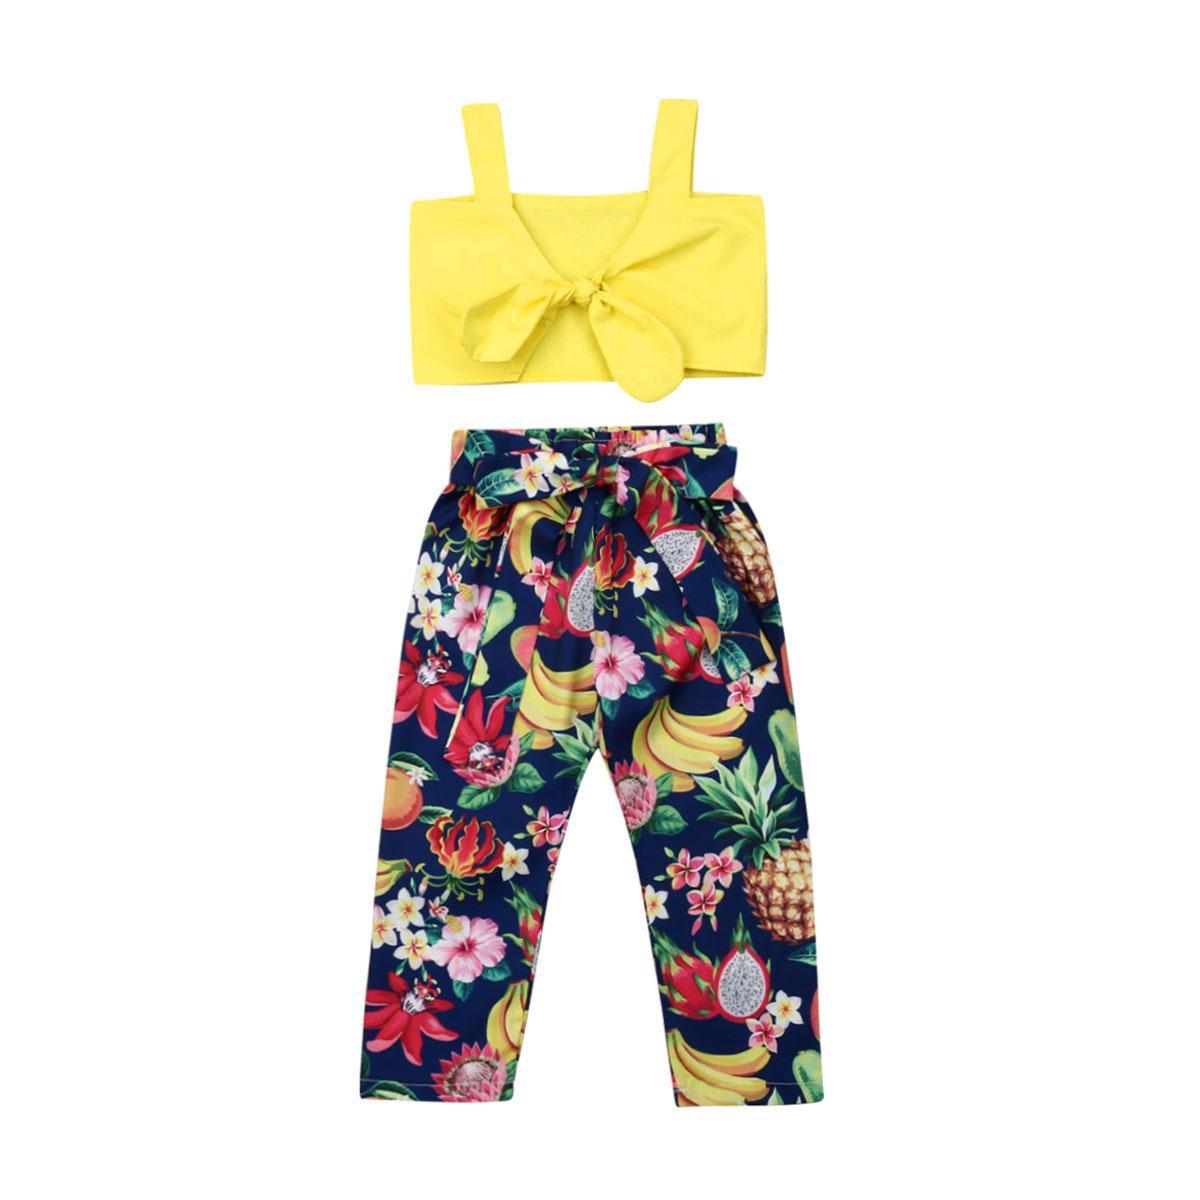 2adet Bebek Kız bebekler Çiçek yazlık kıyafetler Seti Bow Top Meyve Baskı Uzun Pantolon Sunsuit Çocuk Giyim Seti 2-7Y Dropshipping